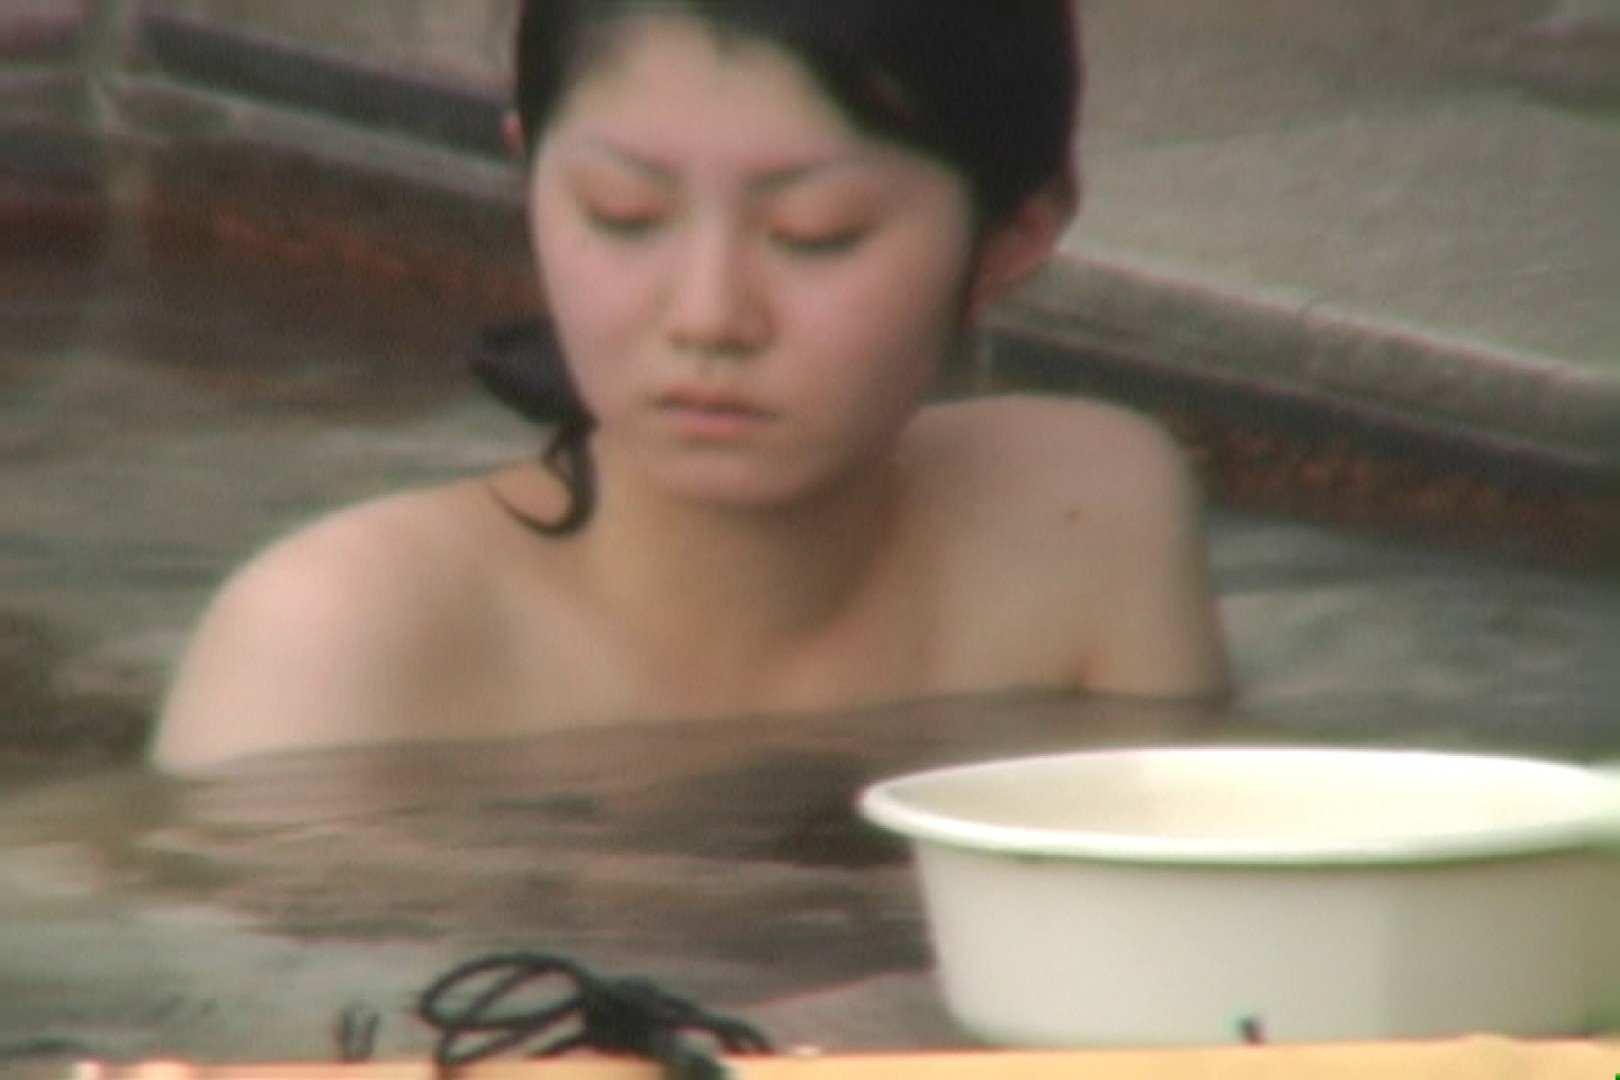 Aquaな露天風呂Vol.579 OLエロ画像  42PICs 18